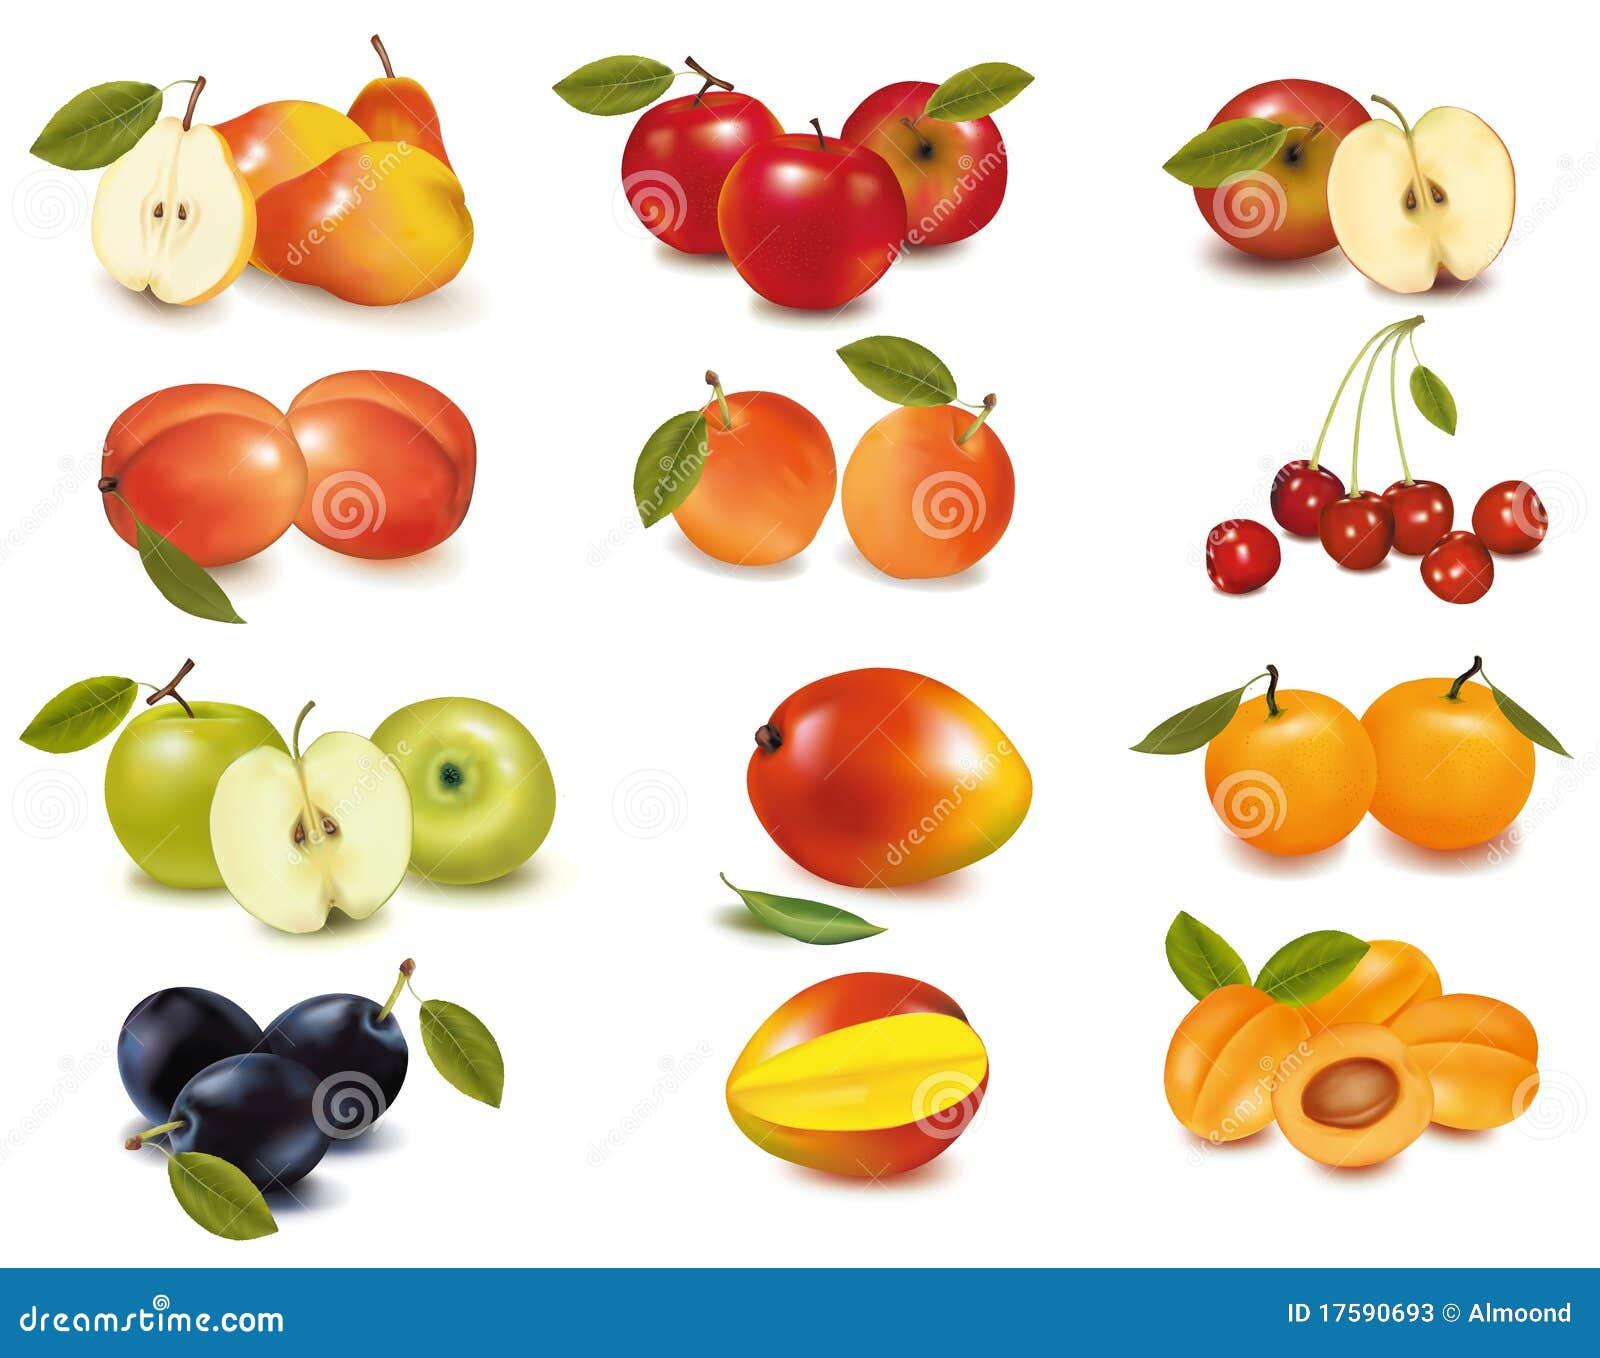 alle fruitsoorten met foto